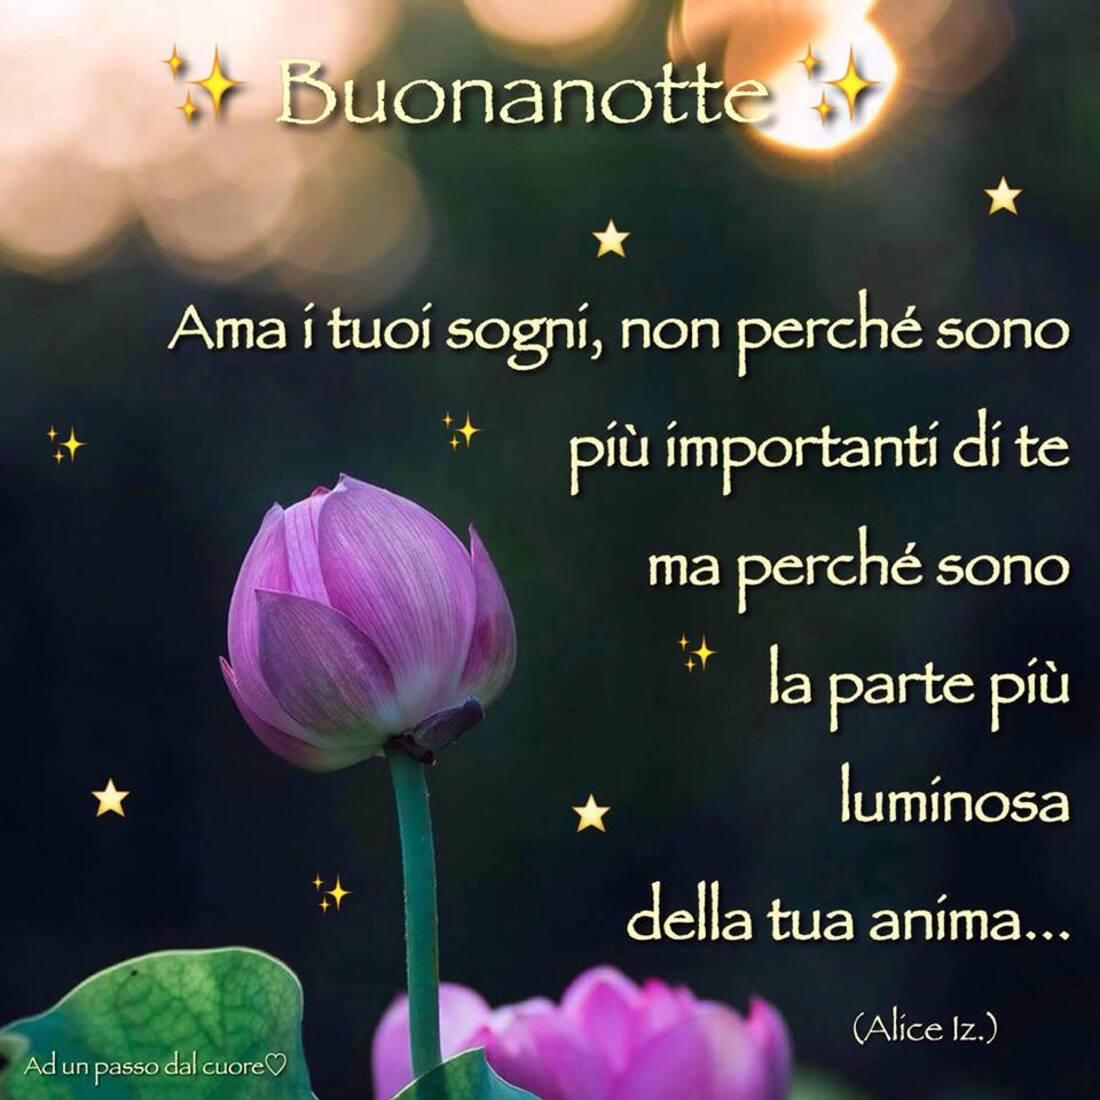 Buonanotte ama i tuoi sogni non perchè sono più importanti di te ma perchè sono la parte più luminosa della tua anima...